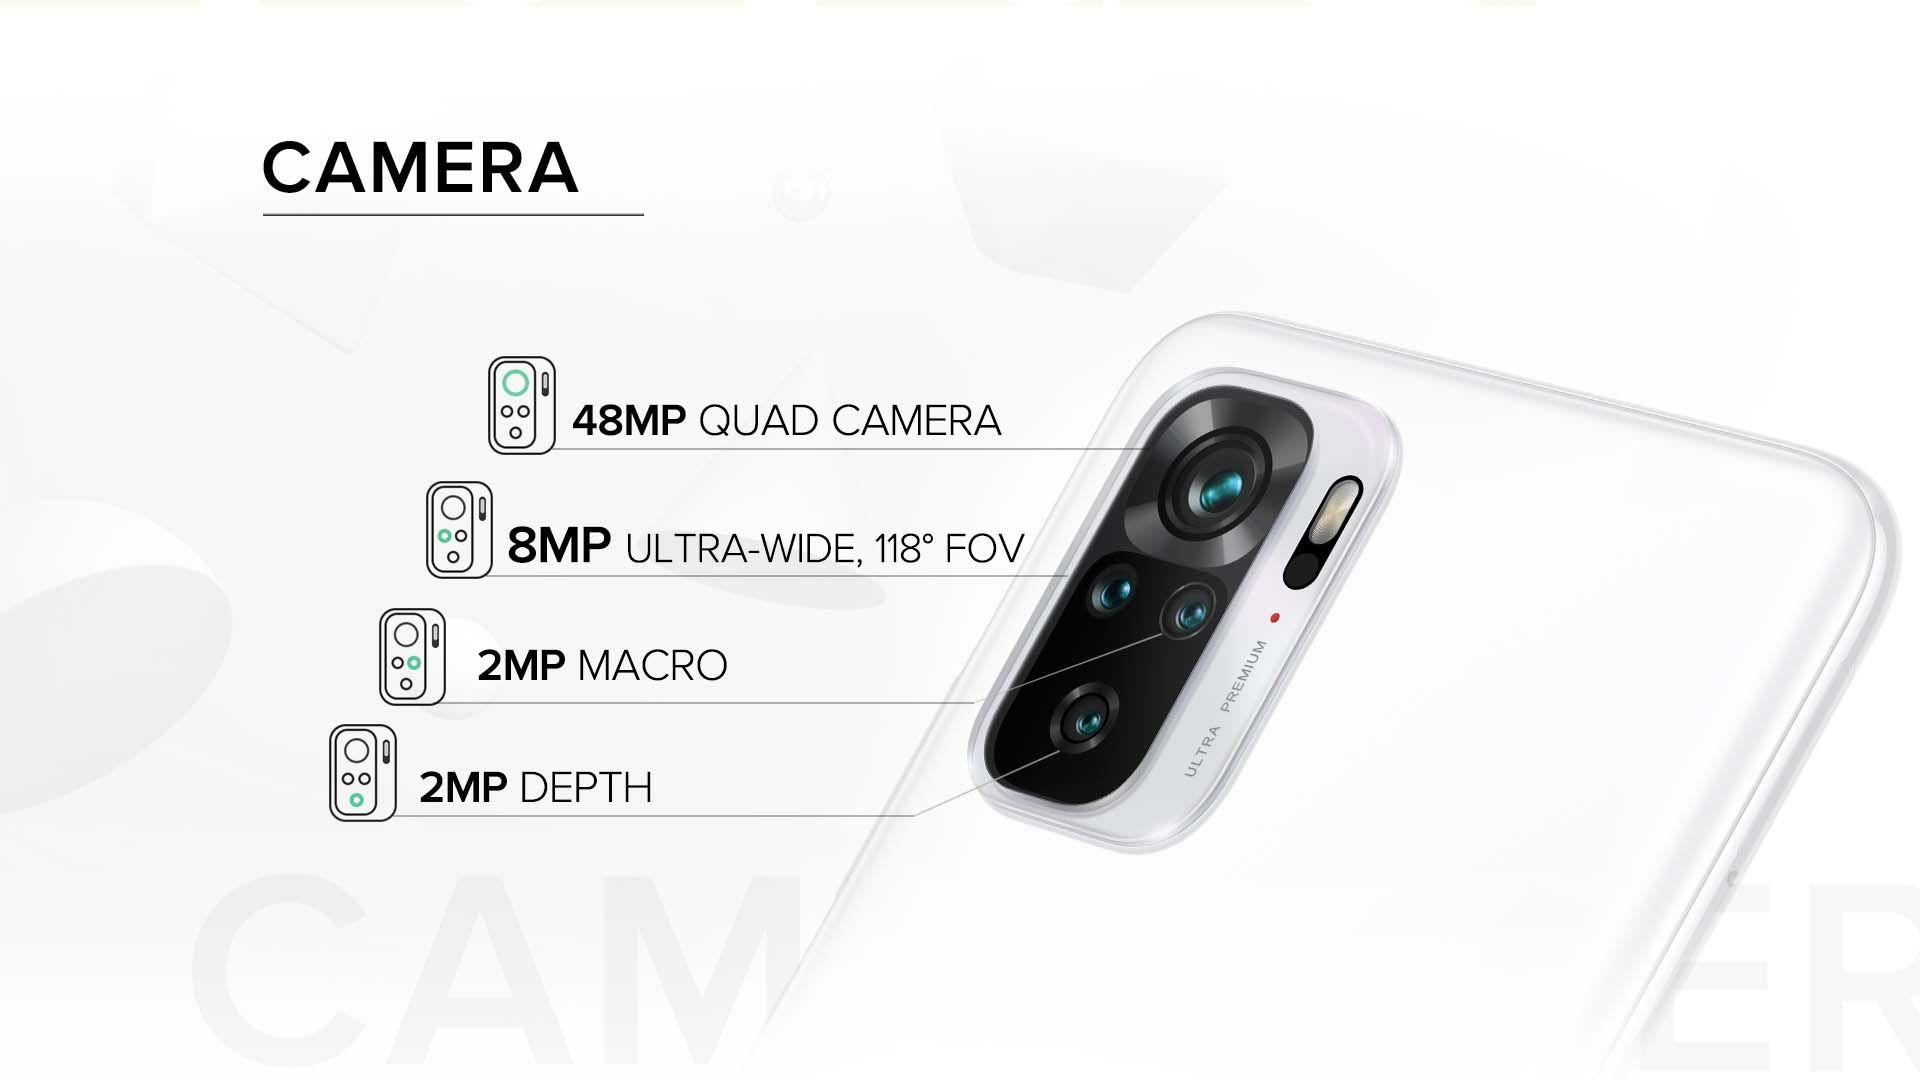 Imagem que ilustra o conjunto de câmeras do Redmi Note 10.